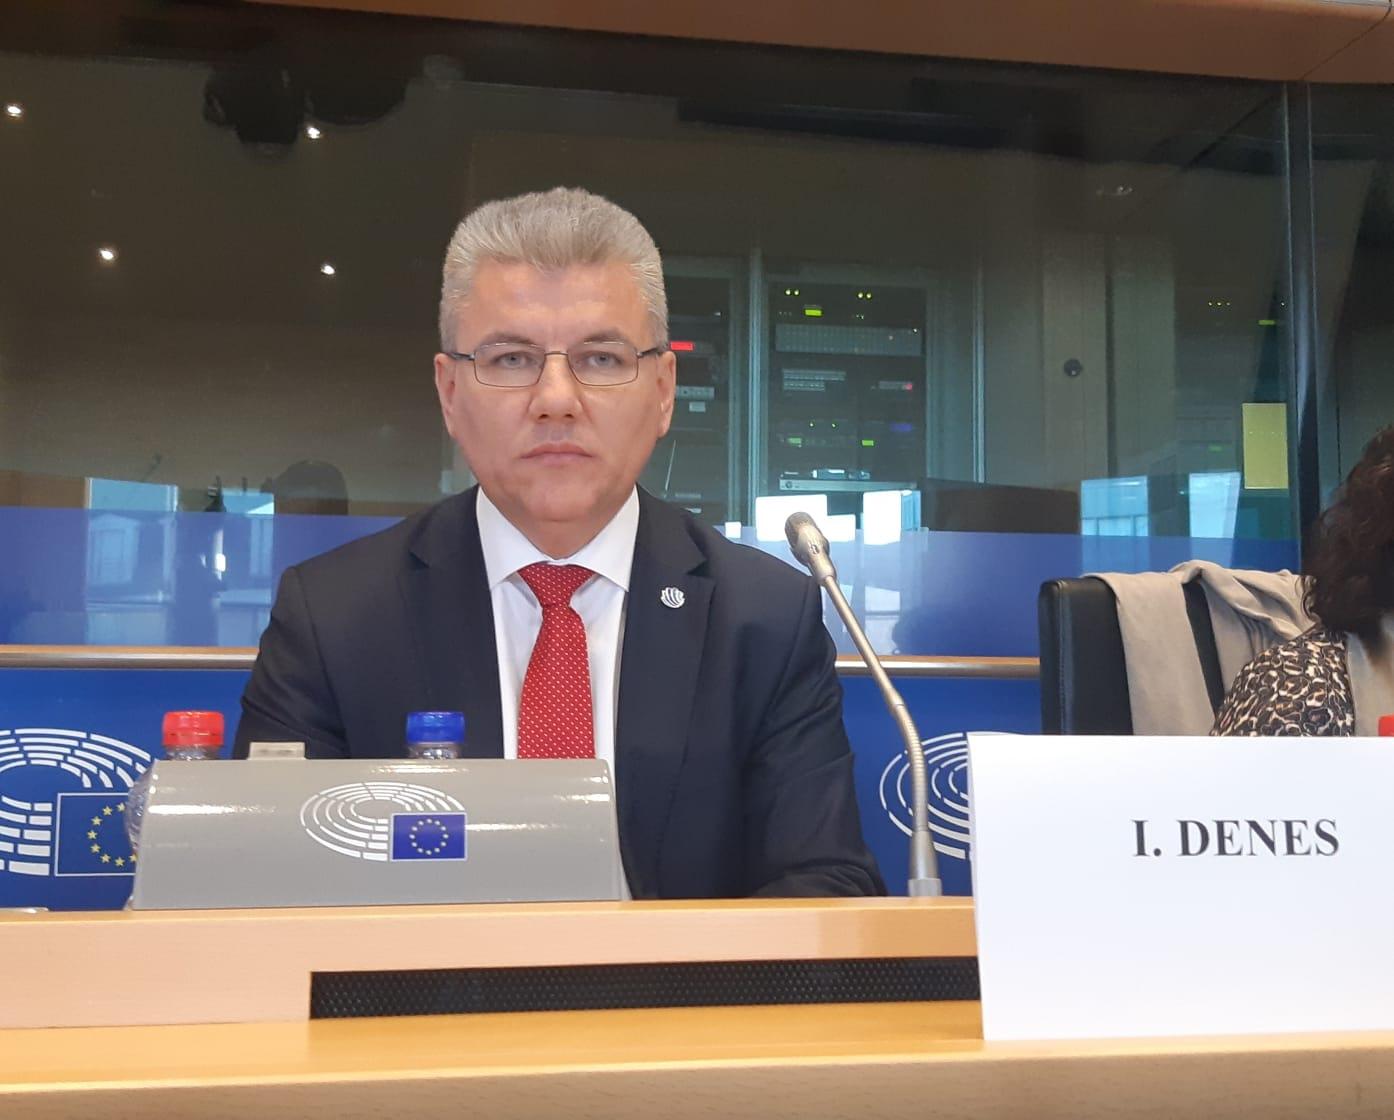 Ioan Deneș, Ministrul Apelor și Pădurilor.